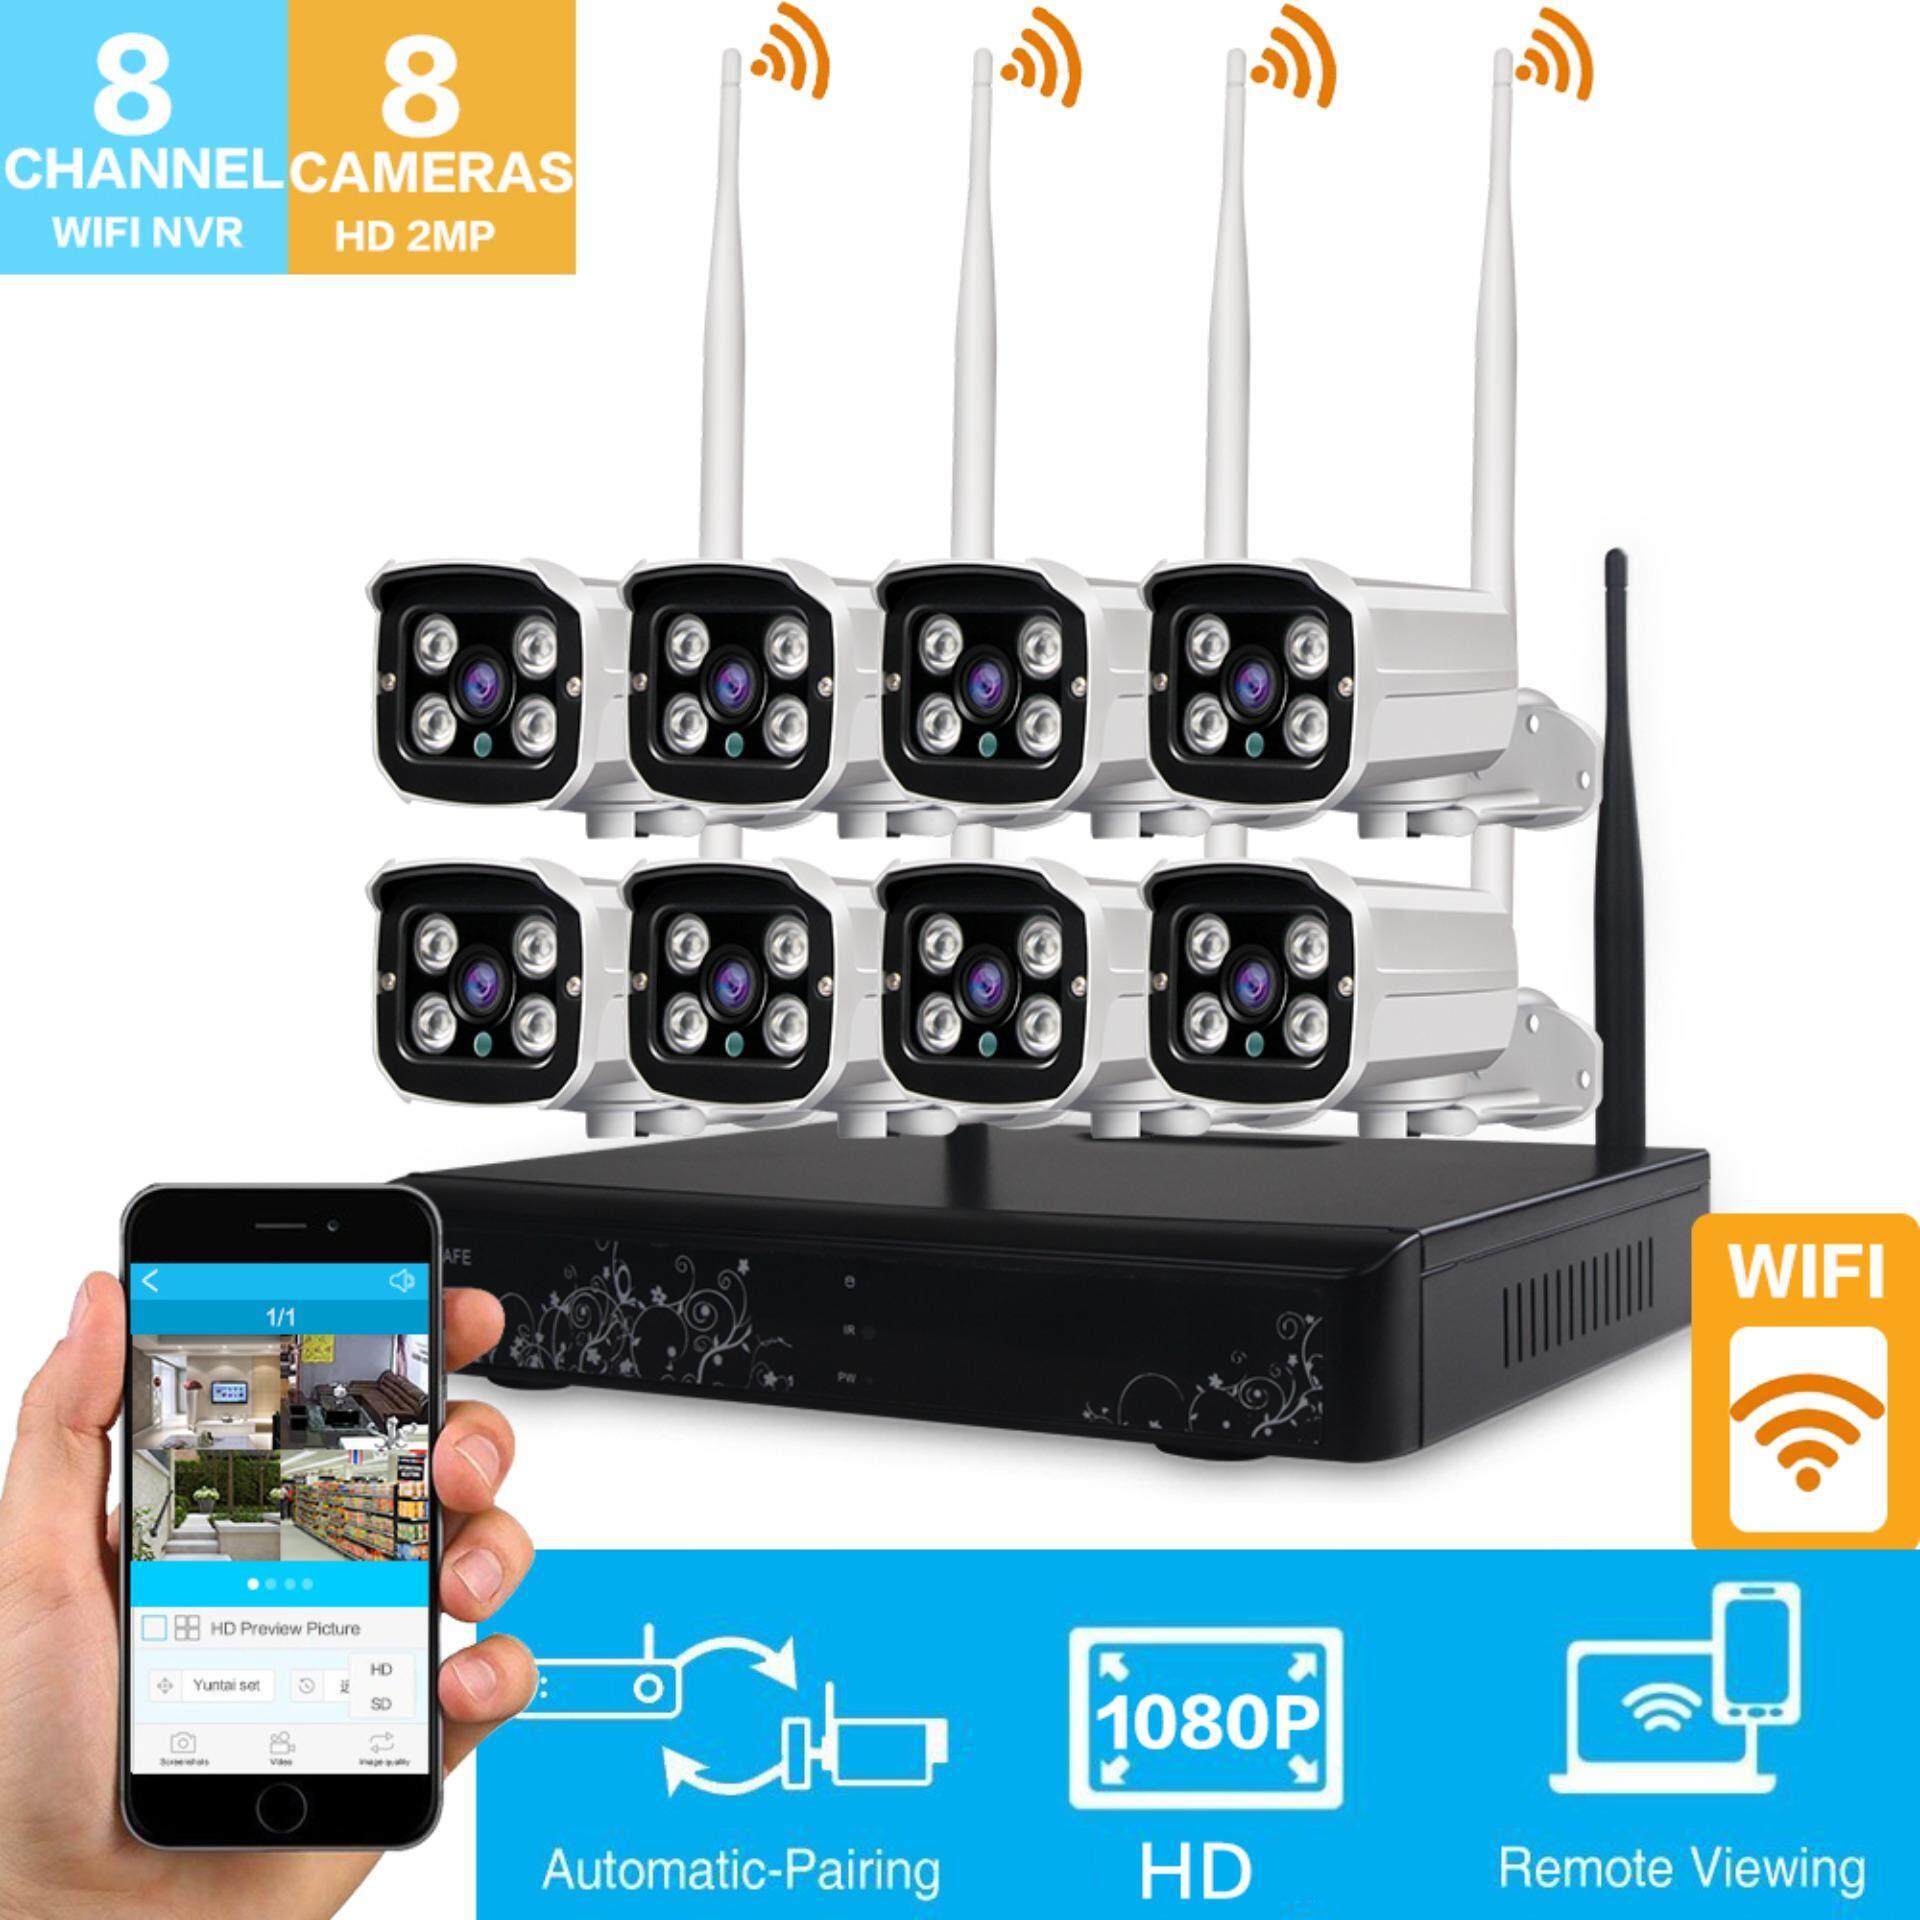 ราคา Loosafe Hd 1080 จุด Wireless Wifi Nvr ชุดกล้องวงจรปิด 8Ch ระบบกล้องรักษาความปลอดภัยไม่มีฮาร์ดดิสก์ เป็นต้นฉบับ